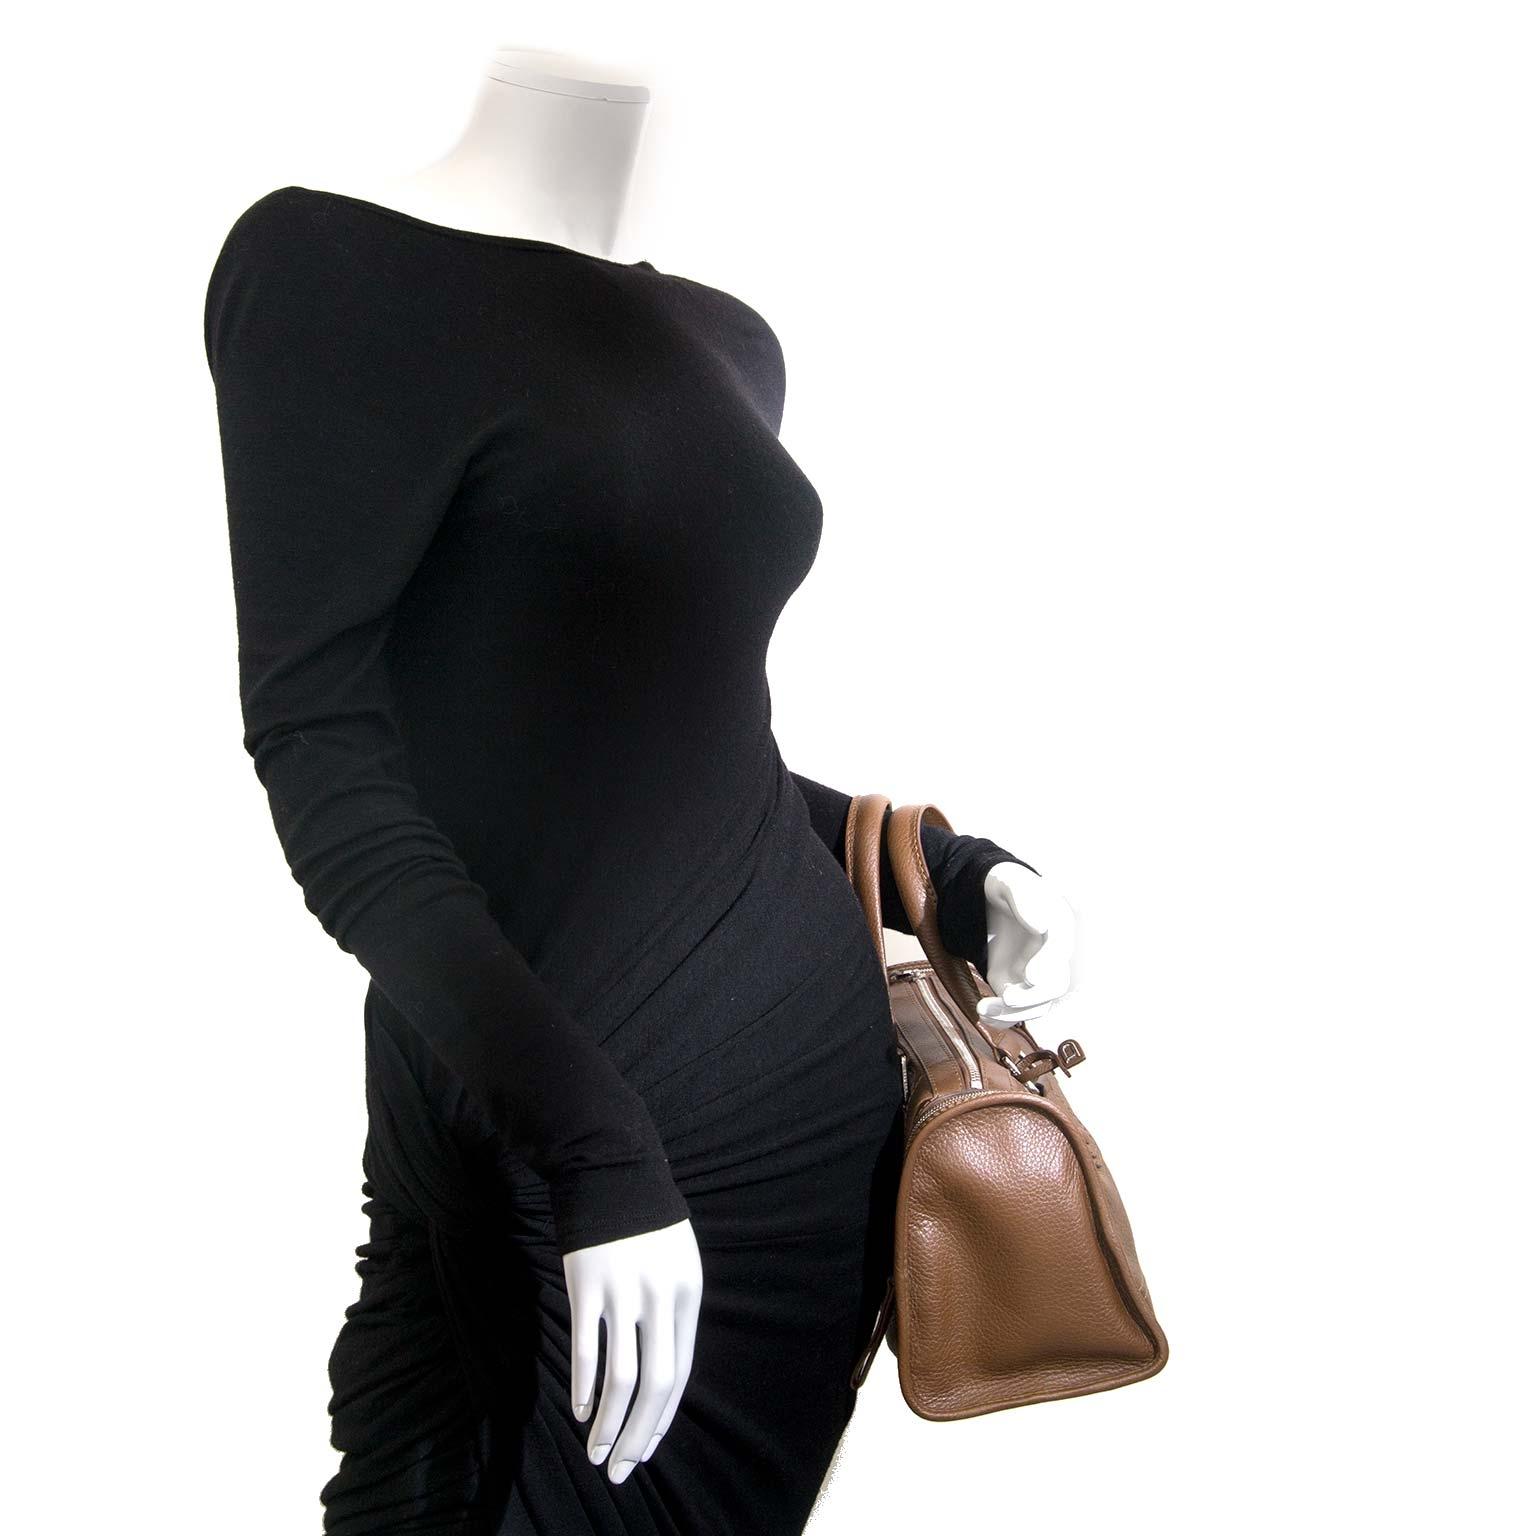 delvaux dimanche galop ganache bag now for sale at labellov vintage fashion webshop belgium